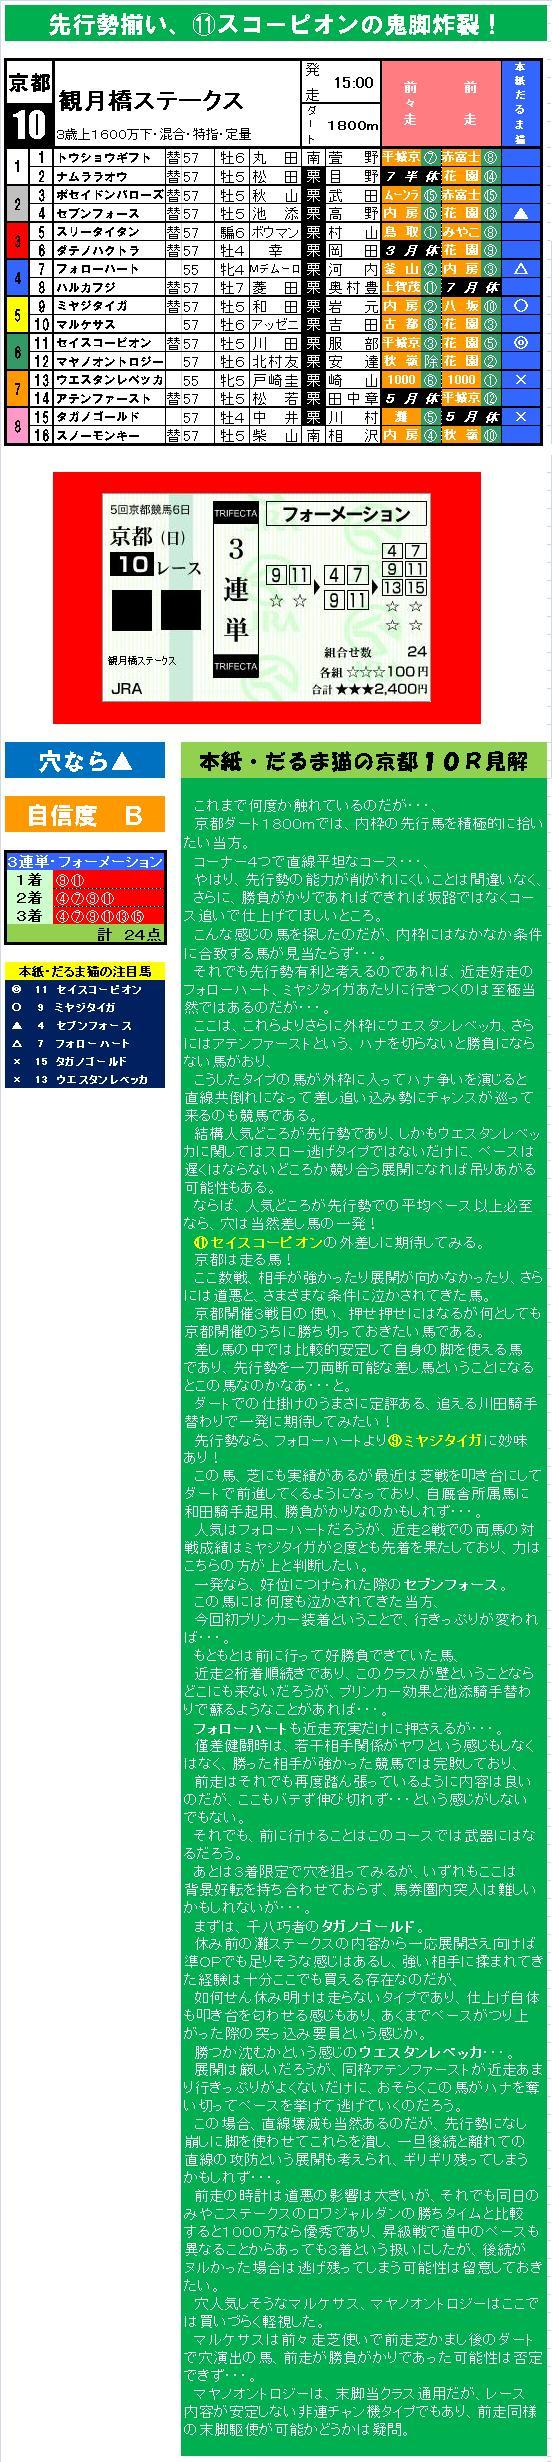 20151122・だるま猫の馬魂☆京都10R 観月橋ステークス.jpg